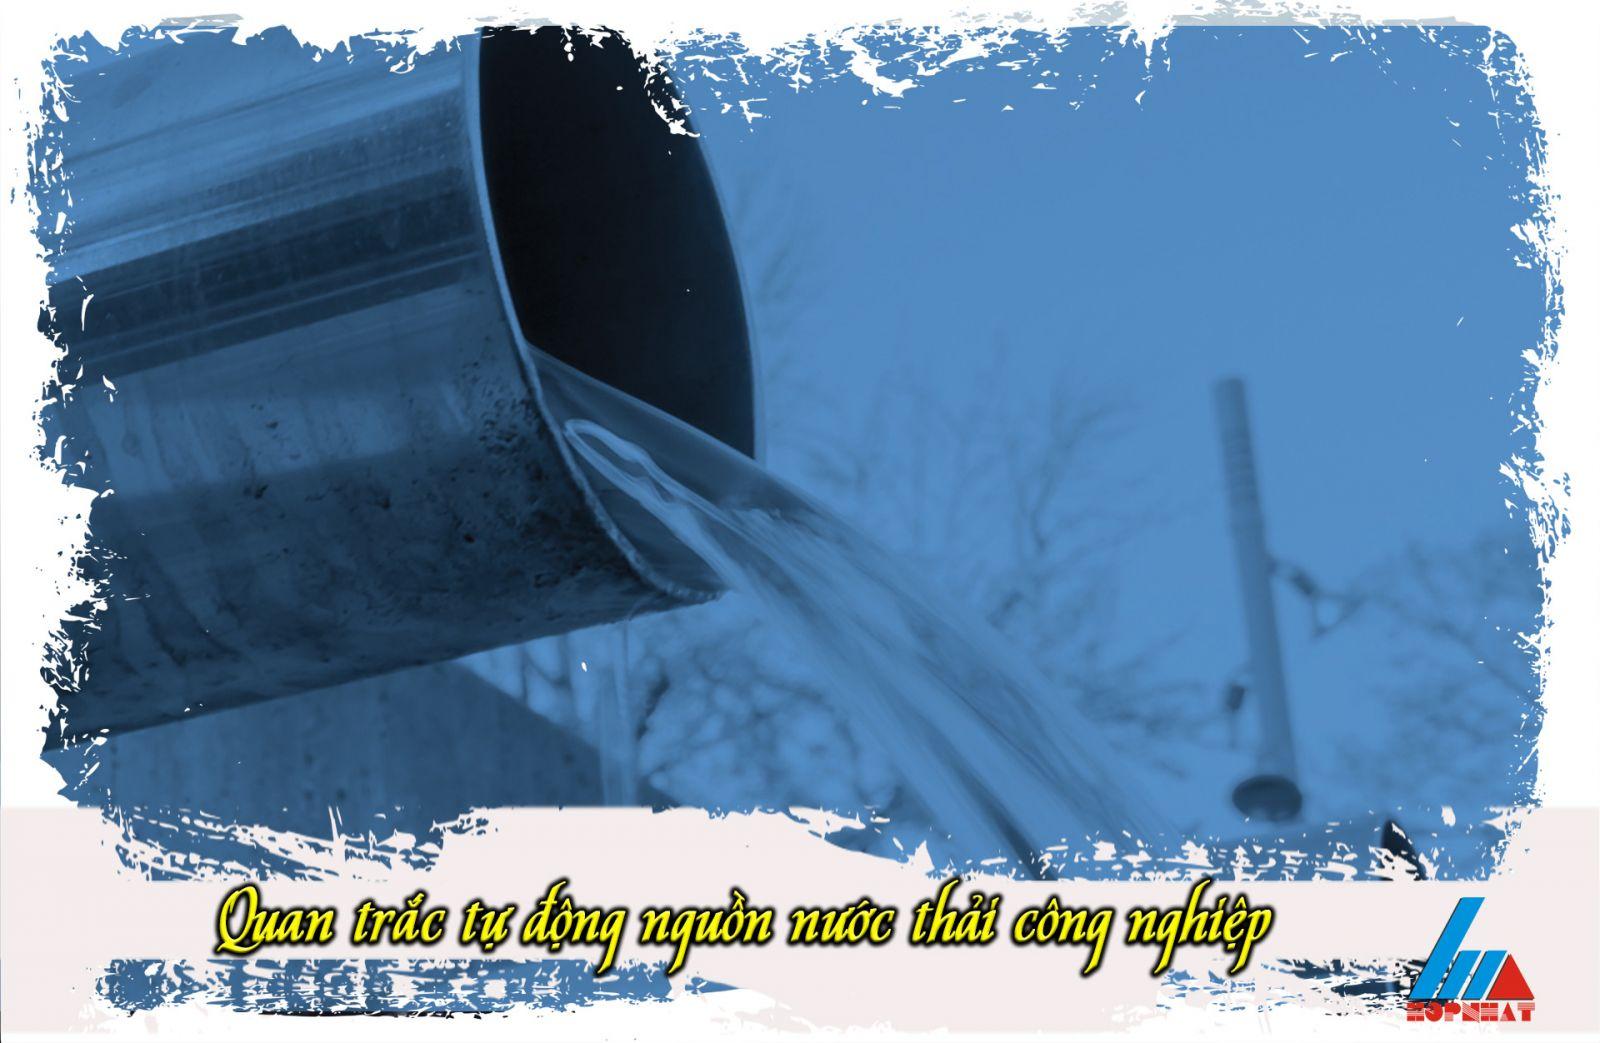 Quan trắc tự động nguồn nước thải công nghiệp